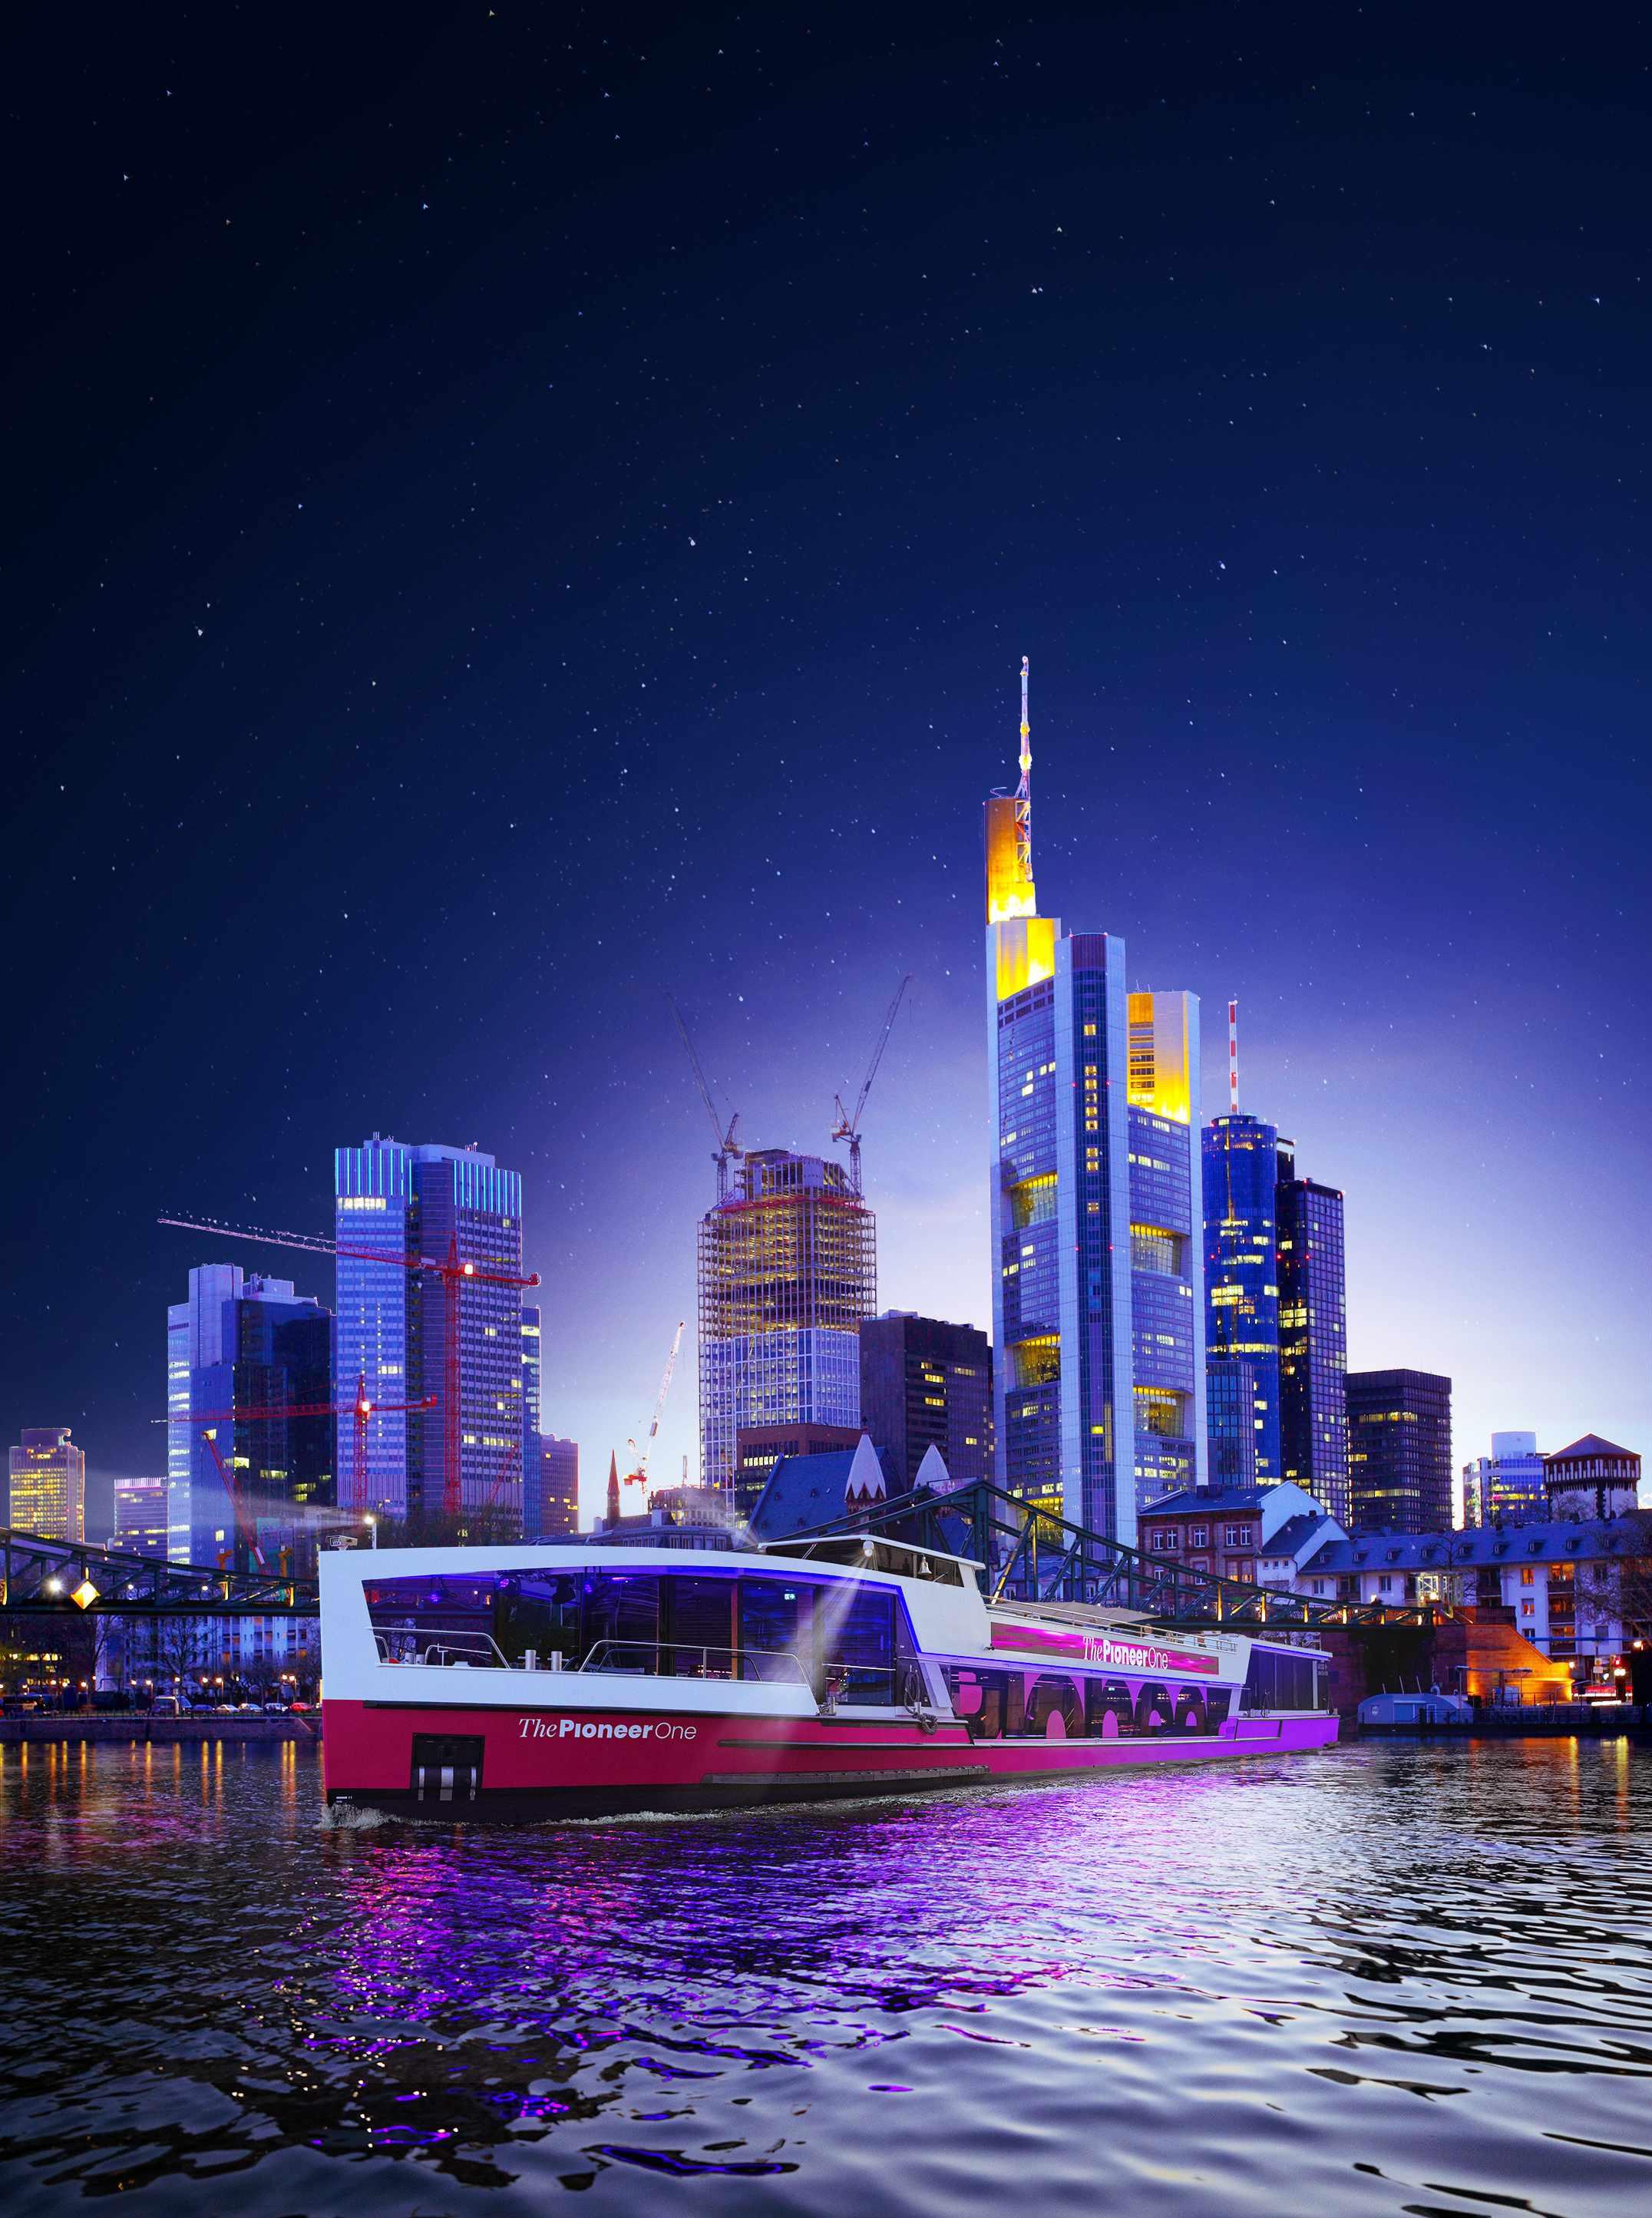 Medienschiff ThePioneerOne vor Skyline von Frankfurt